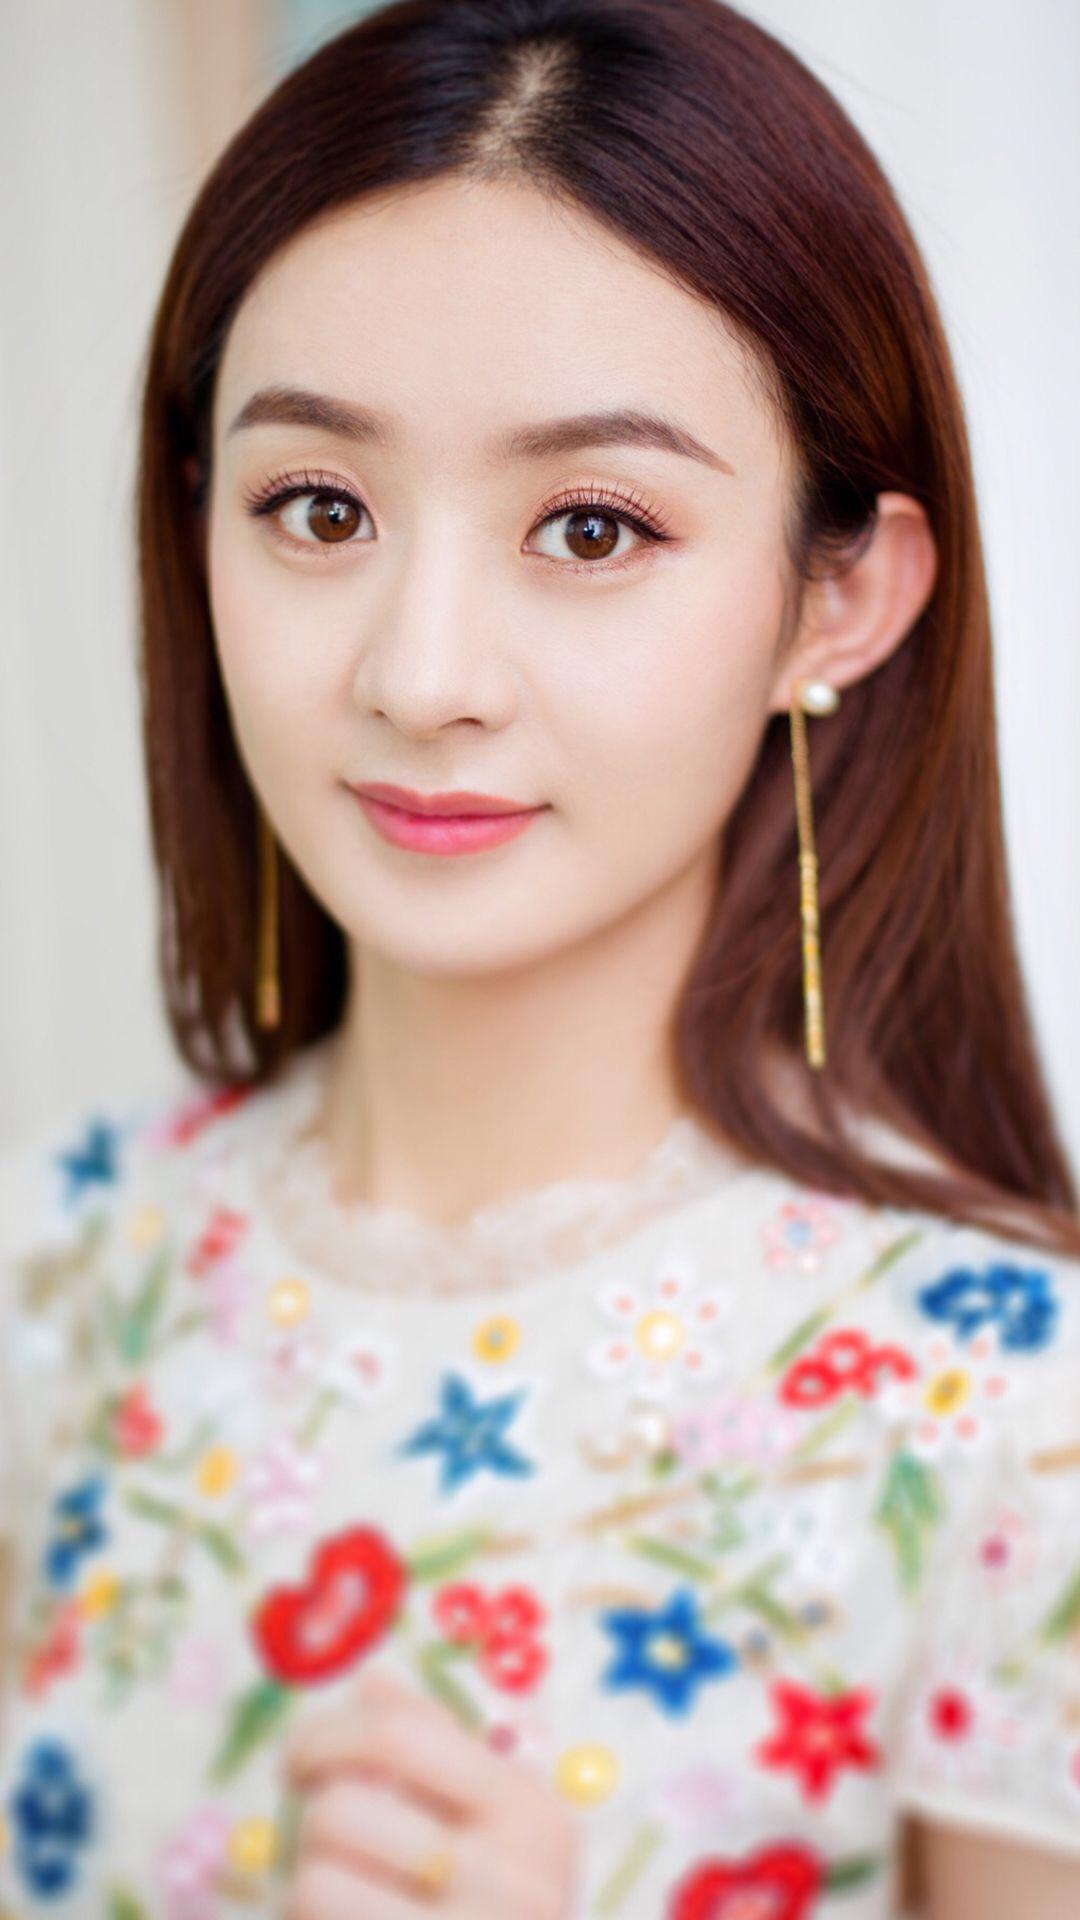 赵丽颖 颖宝 演员 明星 艺人 苹果手机高清壁纸 1080x1920 爱思助手